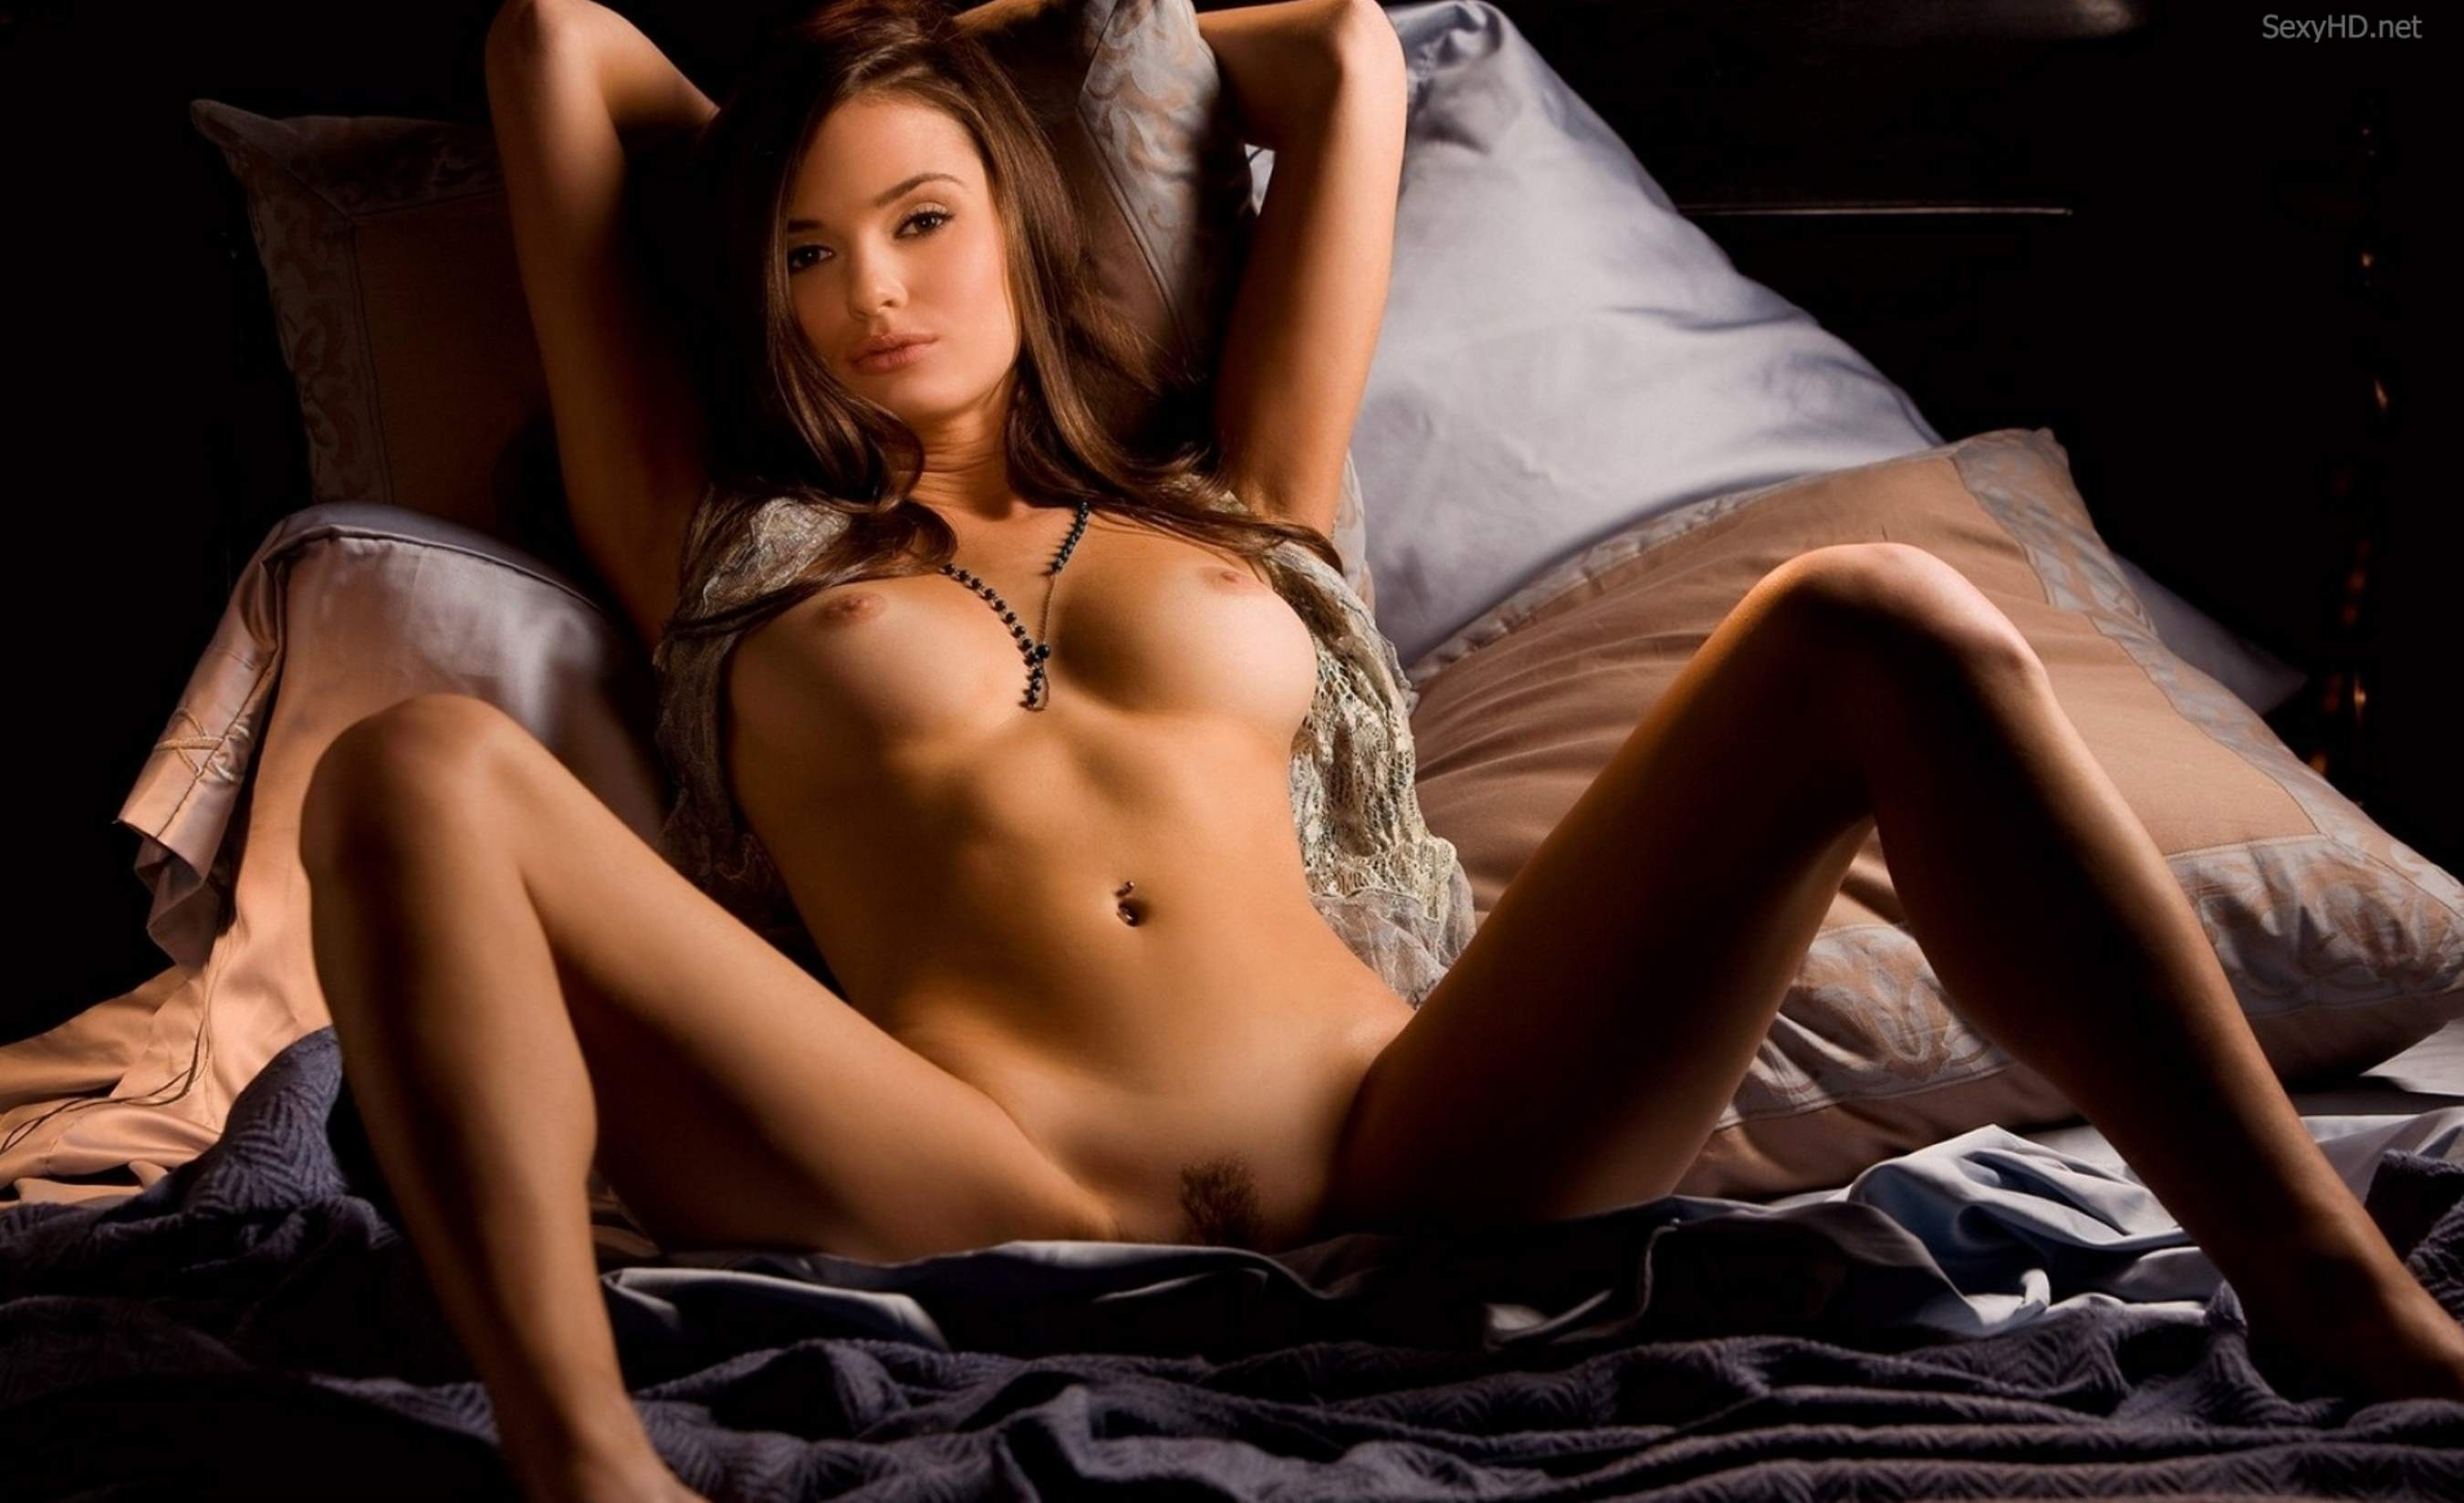 Секс с моделью модель 20 фотография